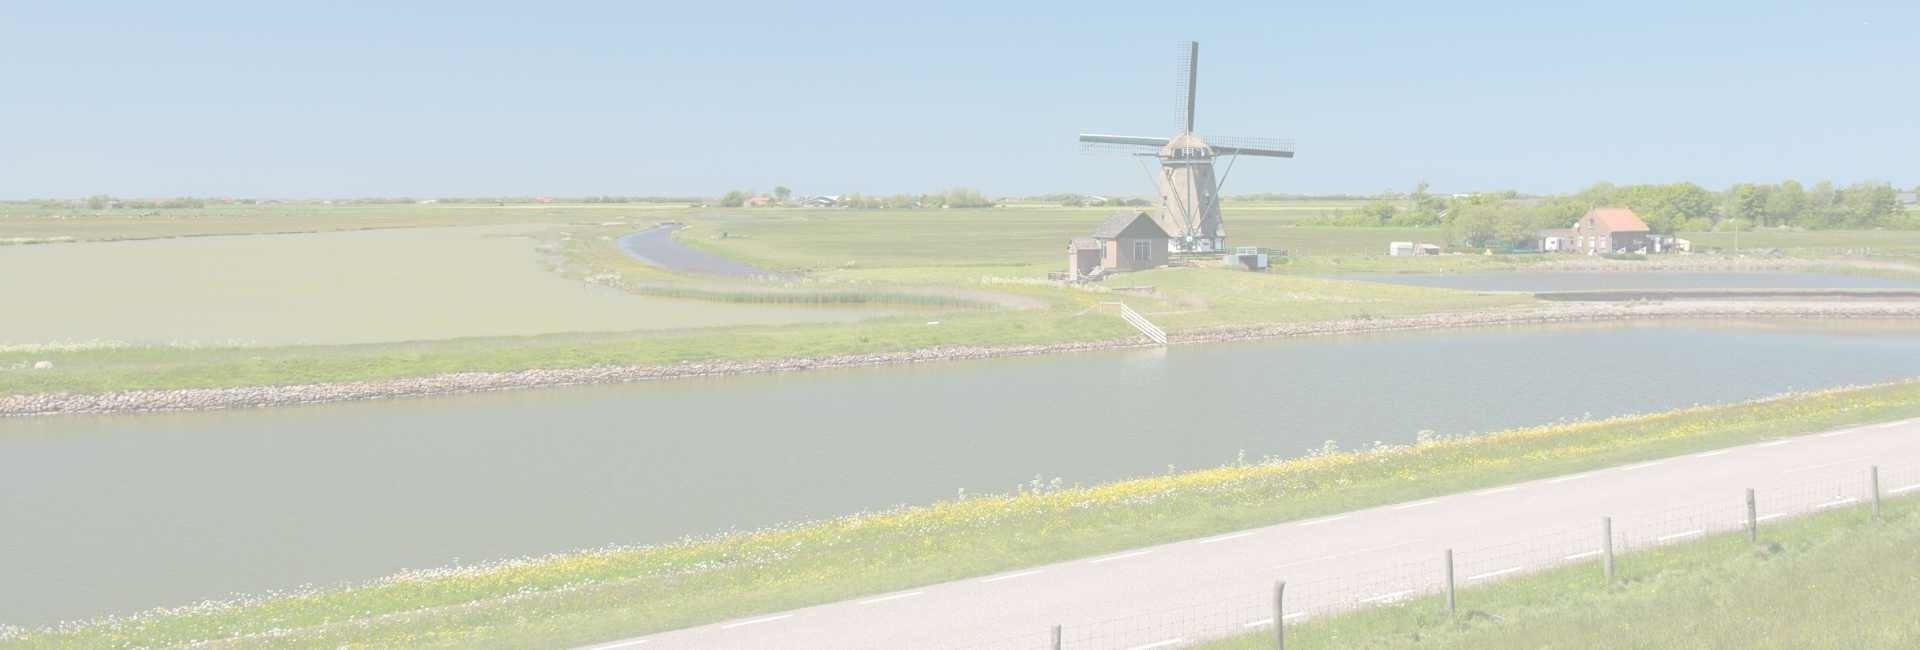 de molen van het noorden op texel